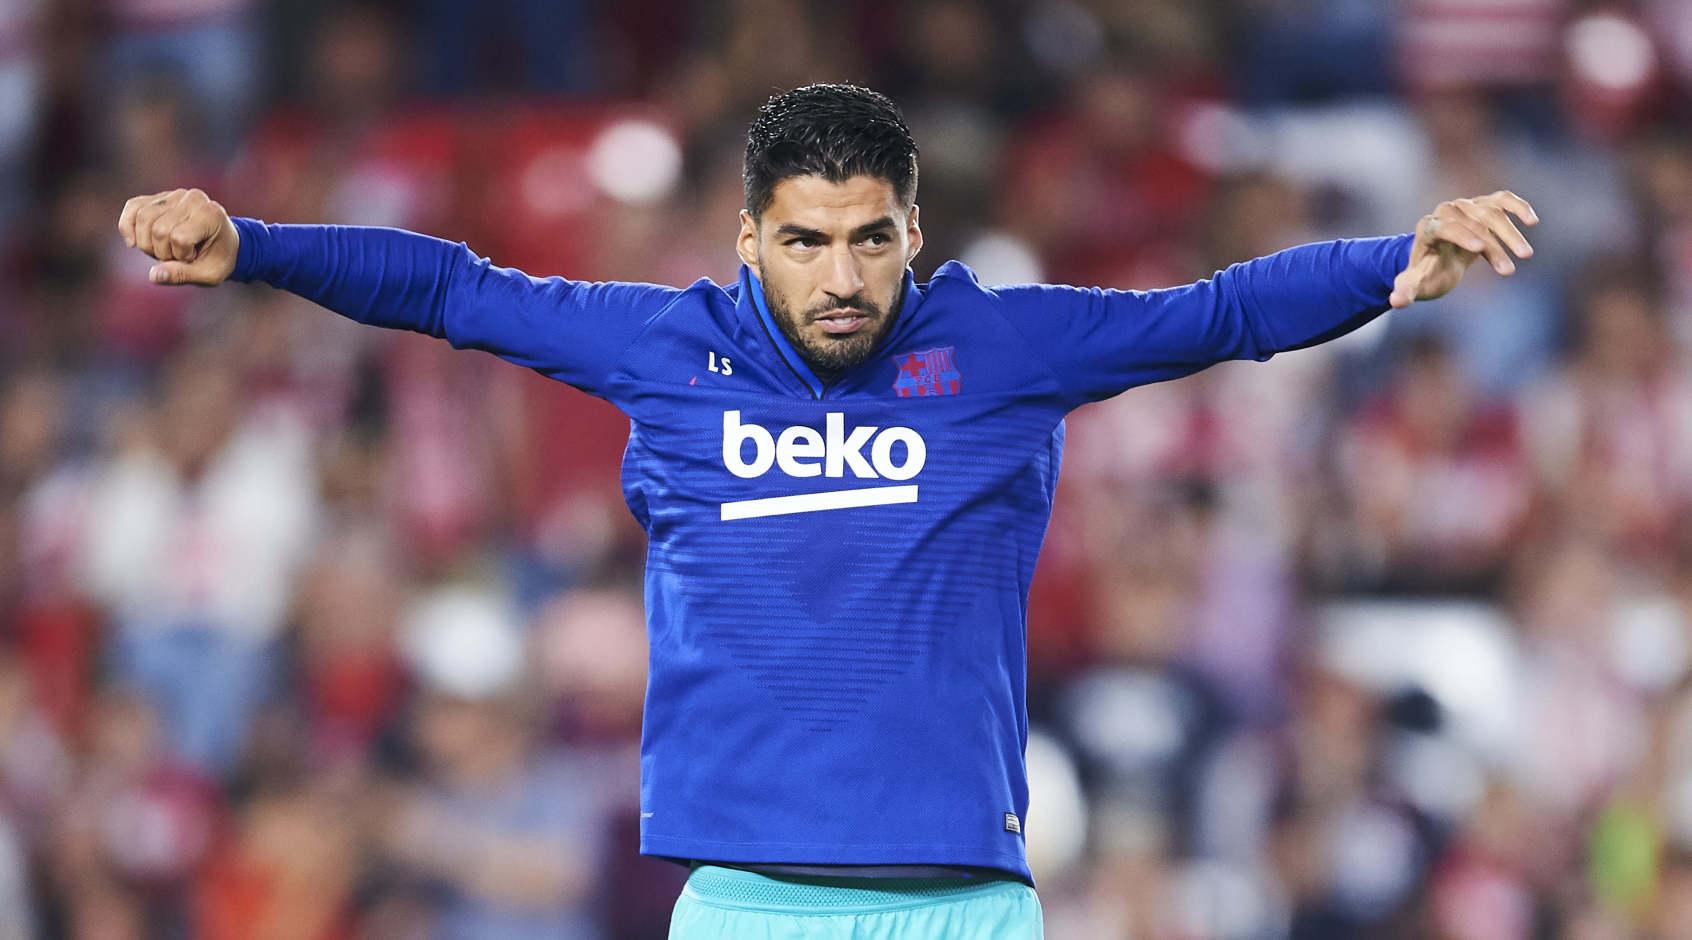 """Луис Суарес на тренировке """"Барселоны"""": """" Рад вернуться!"""""""